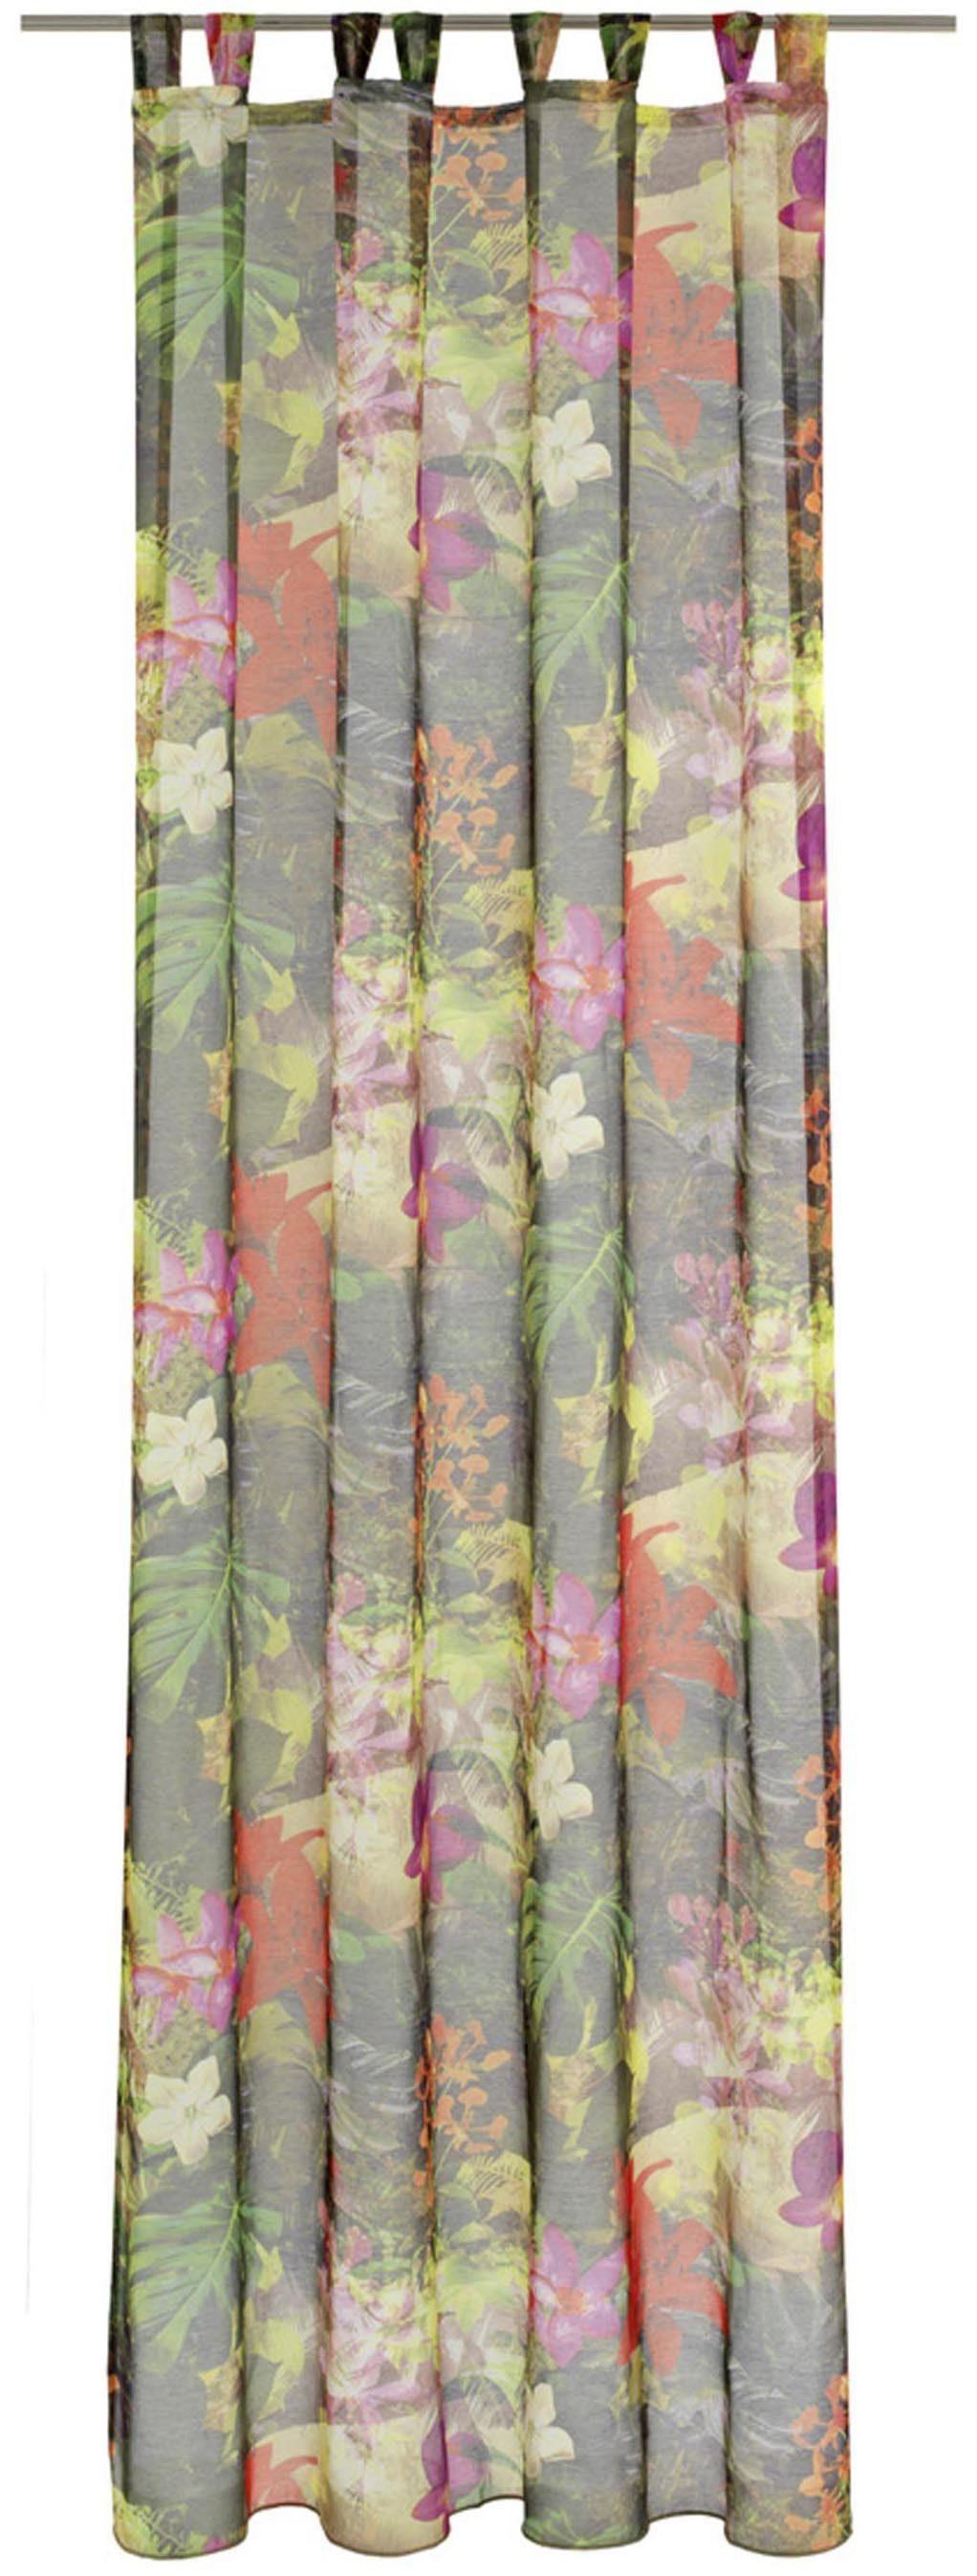 Vorhang »Papaya«, DEKO TRENDS, Schlaufen (1 Stück)